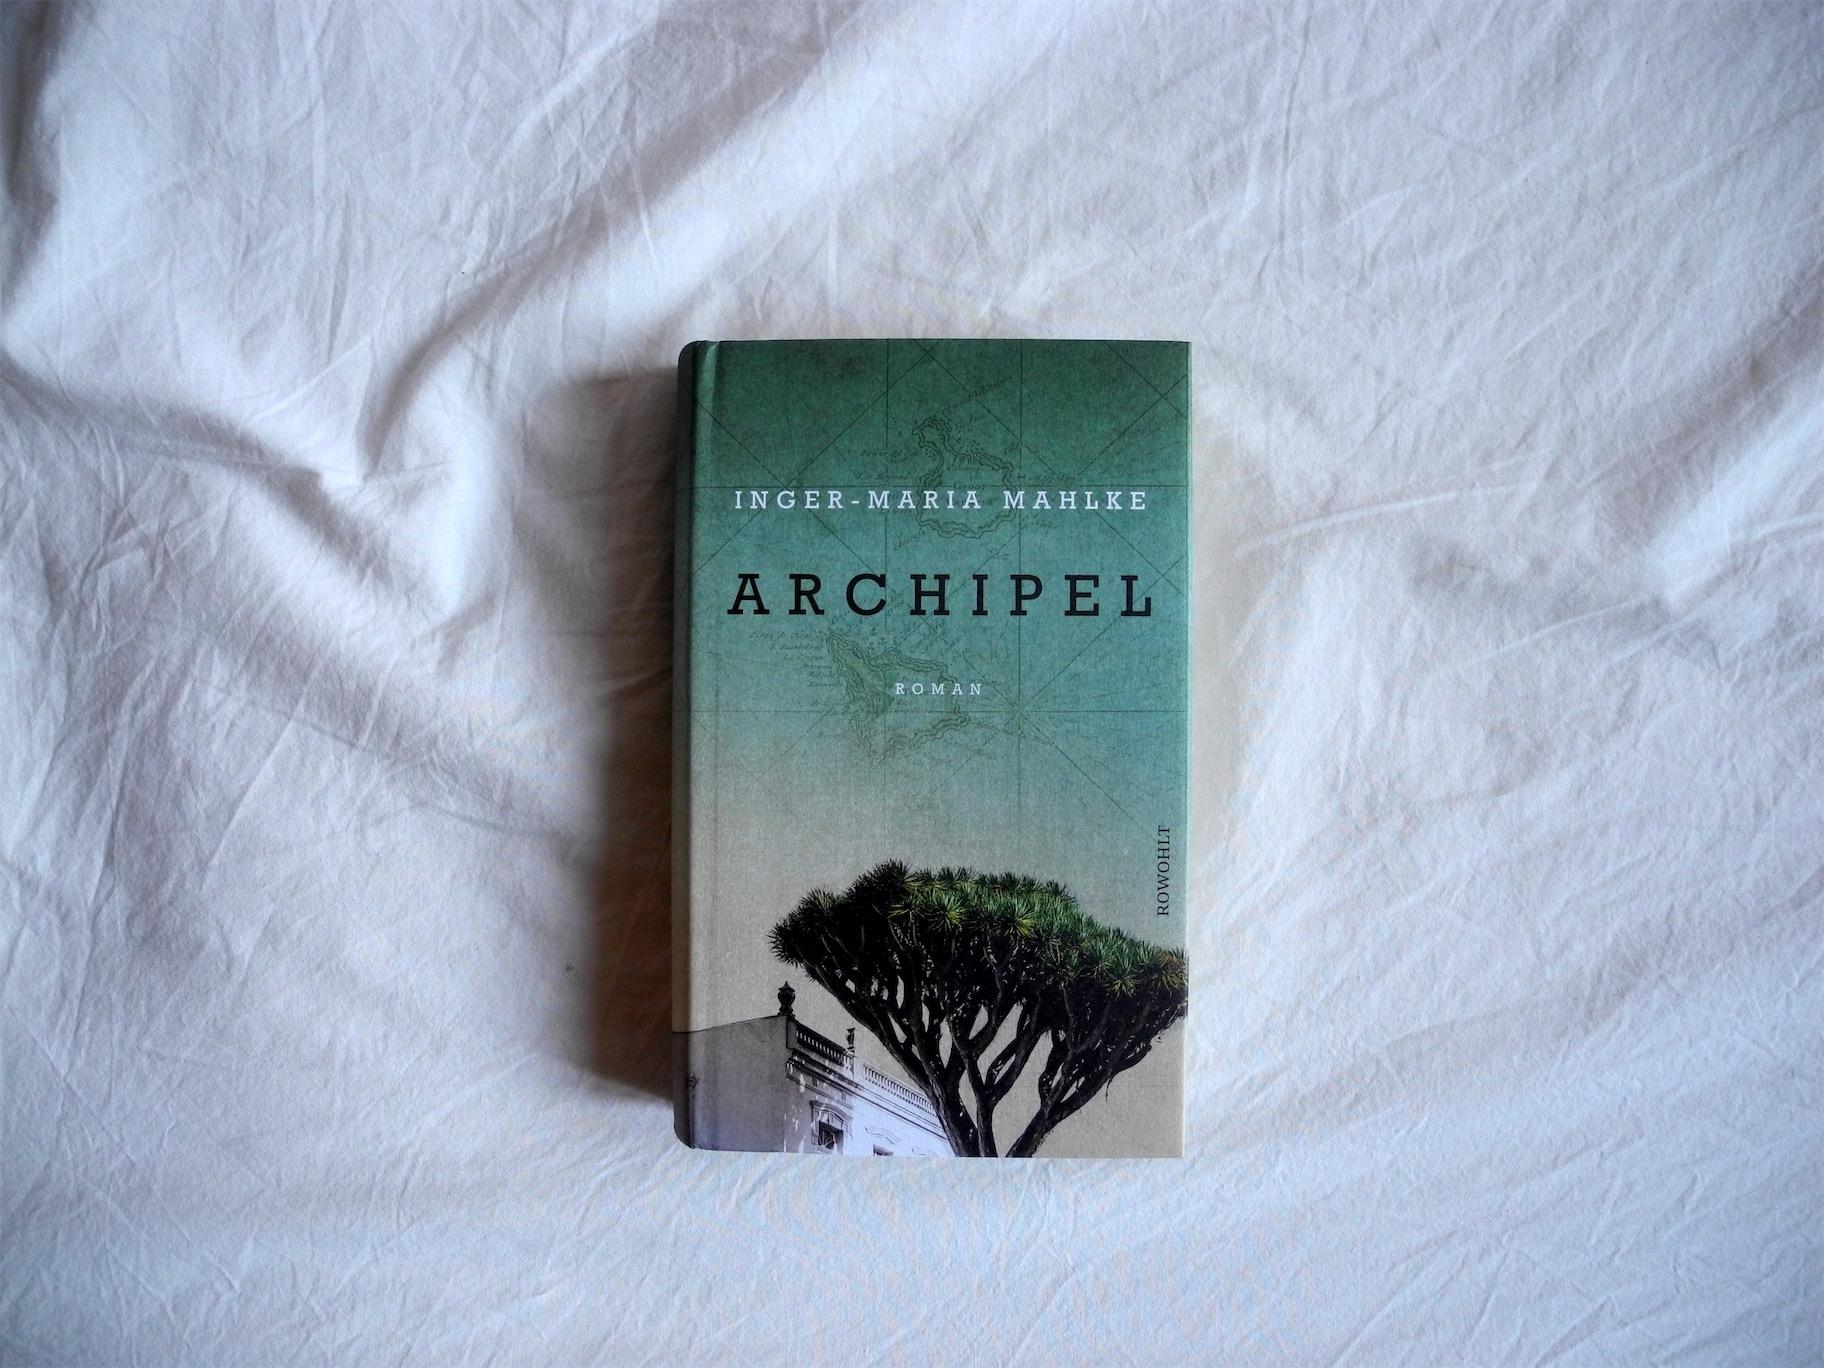 Inger-Maria Mahlke: Archipel